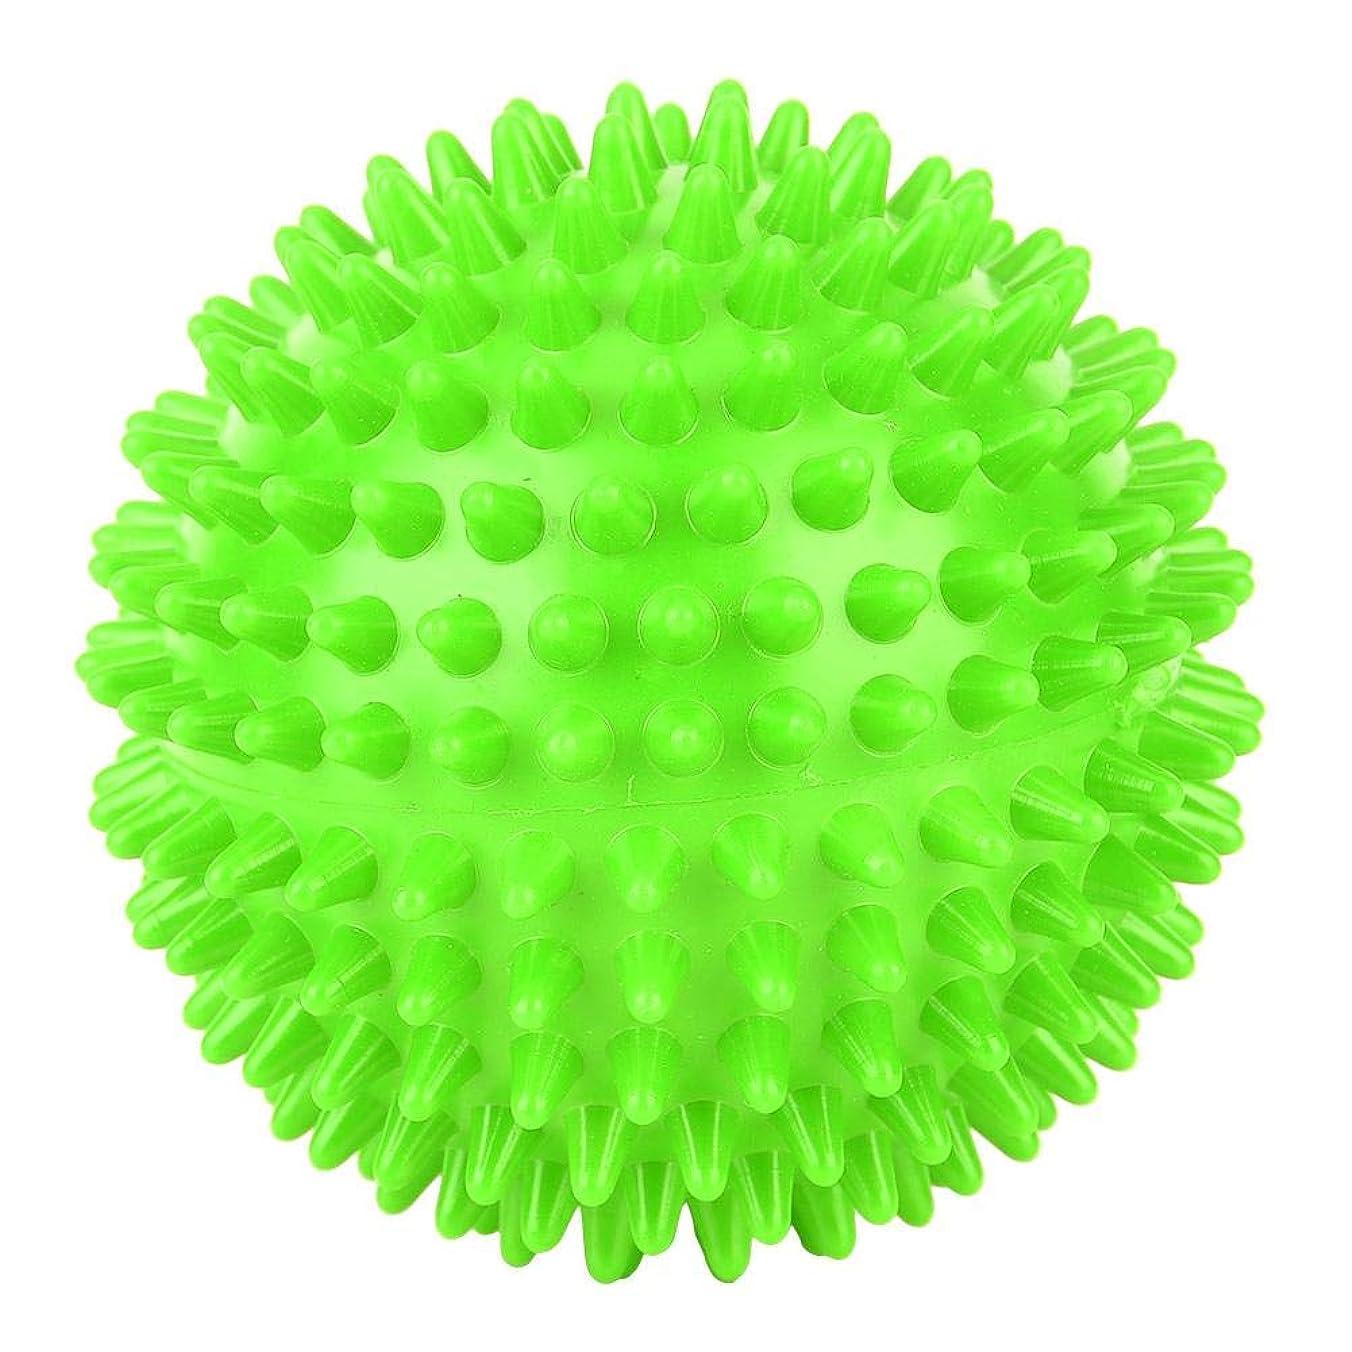 酸うまれた頑丈フットバックトリガーポイントセラピー、筋筋膜のリリース、および筋肉の回復のためのとがったマッサージボールローラーマッサージャーボール。